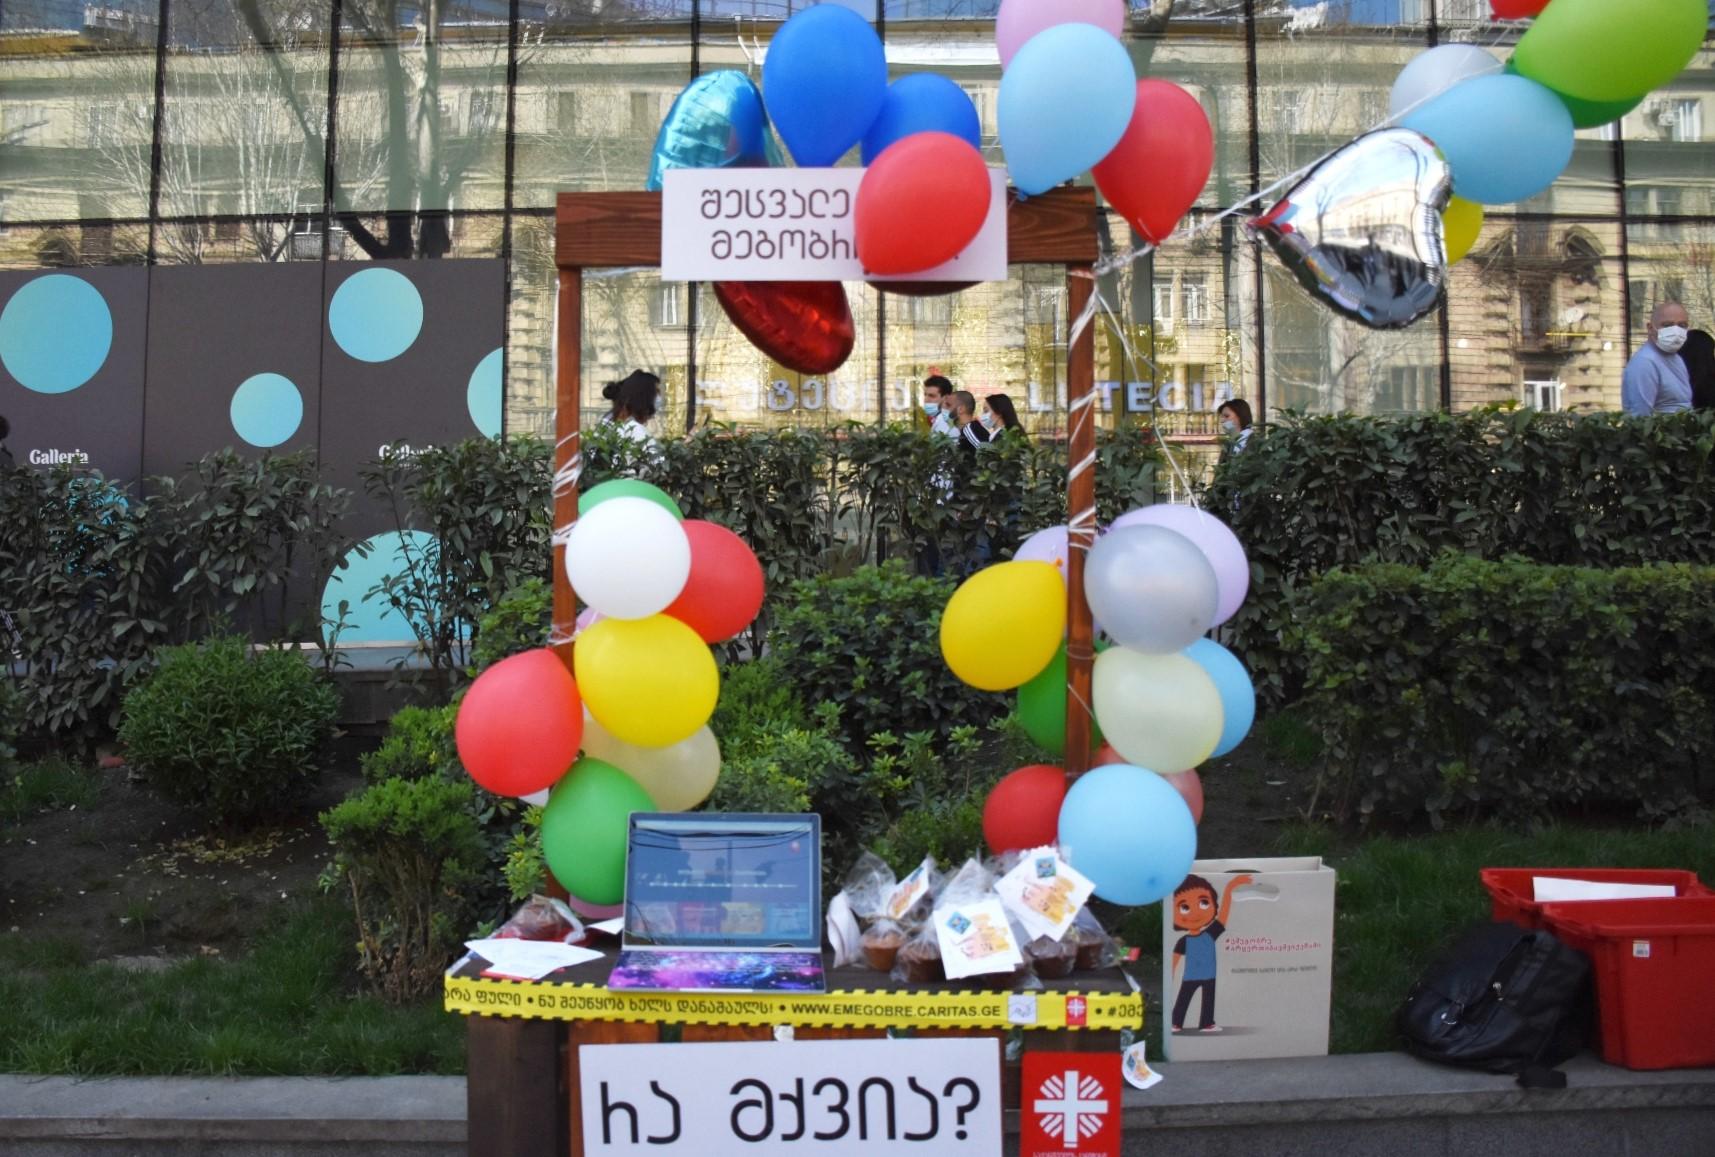 Мероприятия в Тбилиси по случаю Международного дня беспризорных детей. Фото: Тата Шошиашвили/OC Media.